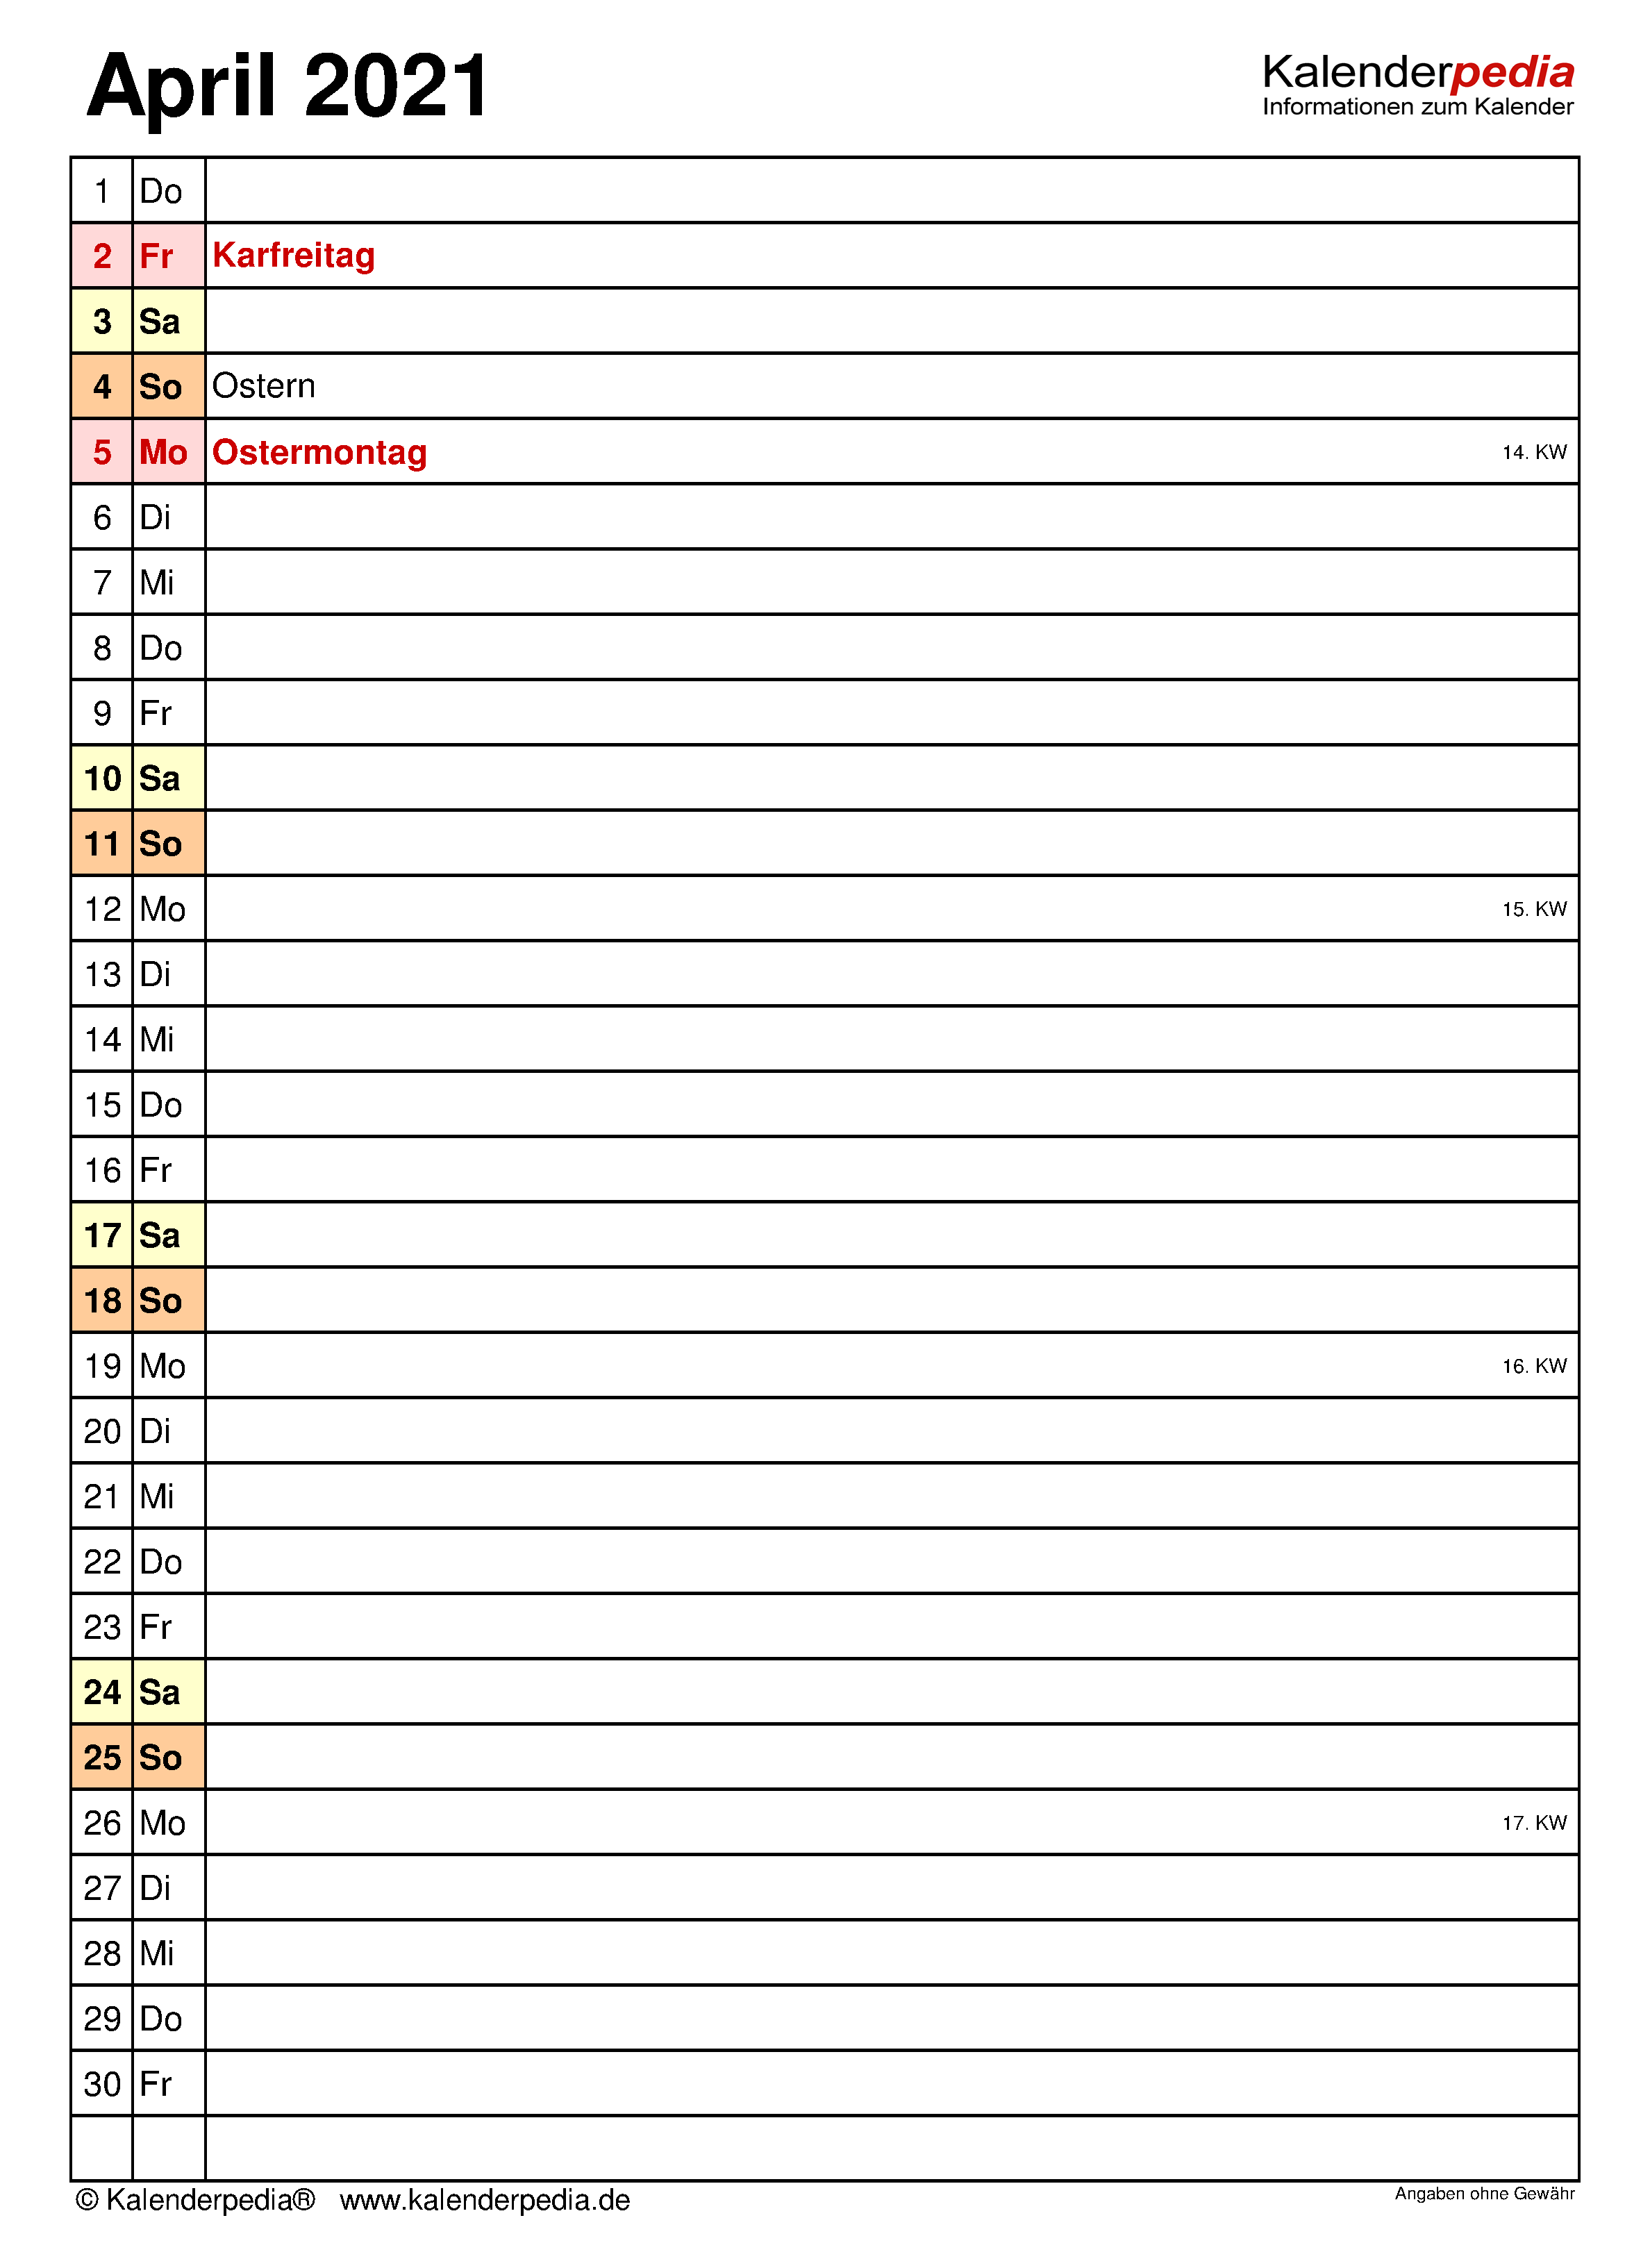 Kalender April 2021 als Word-Vorlagen